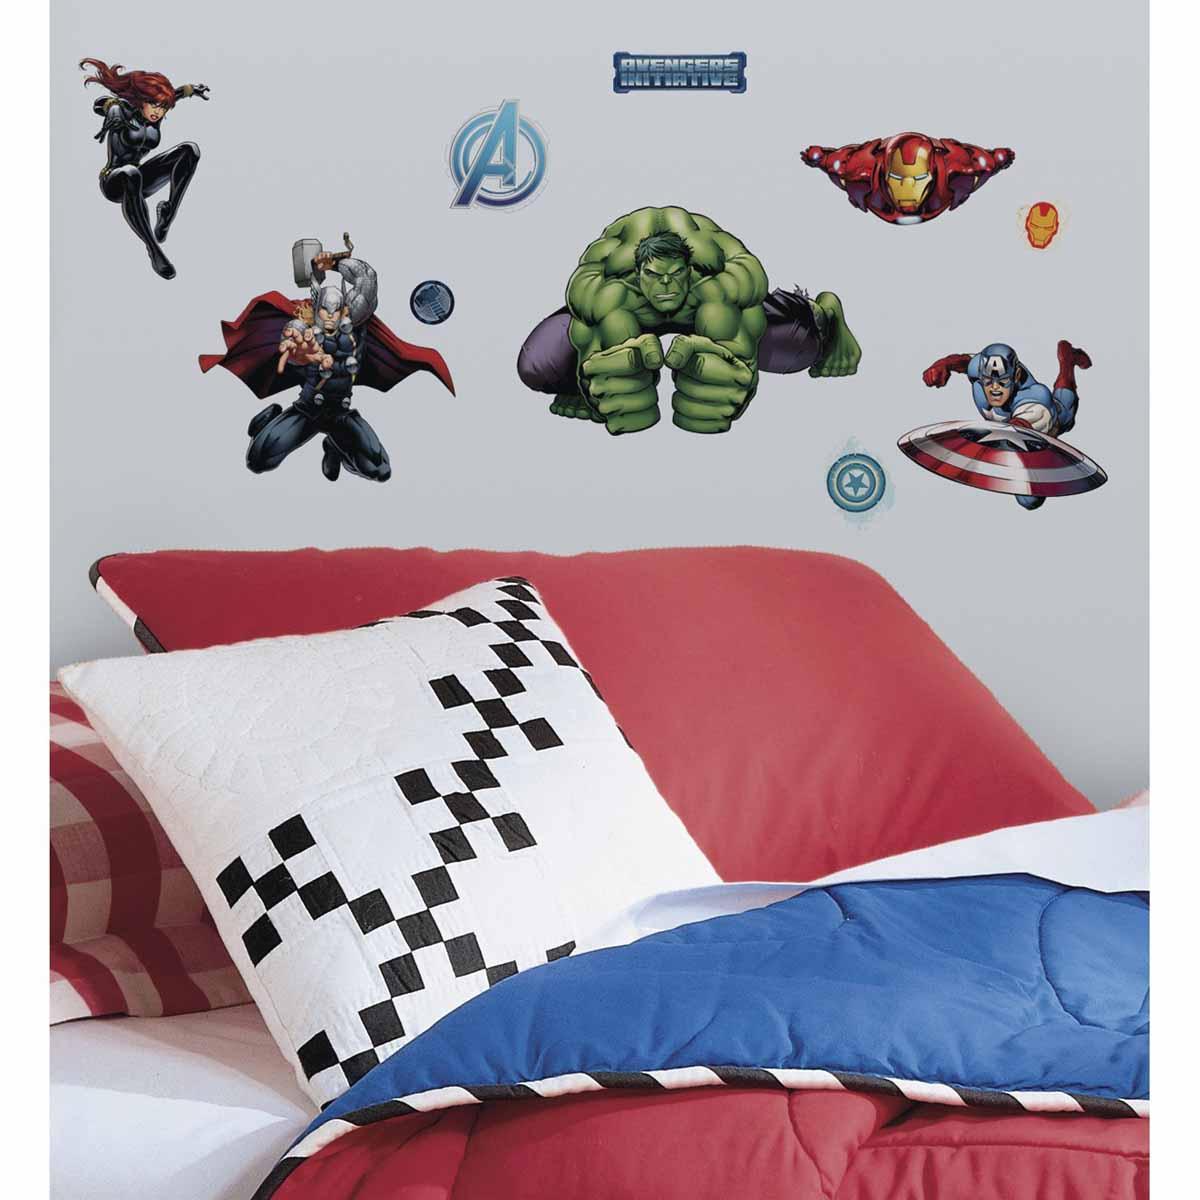 RoomMates Наклейка интерьерная Мстители 28 шт1051-BLИнтерьерная наклейка RoomMates Мстители обязательно станет украшением вашей квартиры.Новый яркий набор наклеек для декора оценит каждый любитель классических комиксов от студии Марвел! Наклейки, входящие в набор, содержат изображения Капитана Америки, Железного Человека, Халка, Тора, Черной Вдовы и других героев знаменитых комиксов.Всего в наборе 28 стикеров. Наклейки не нужно вырезать - их следует просто отсоединить от защитного слоя и поместить на стену или любую другую плоскую гладкую поверхность. Наклейки многоразовые: их легко переклеивать и снимать со стены, они не оставляют липких следов на поверхности.В каждой индивидуальной упаковке вы можете найти 4 листа с различными наклейками!